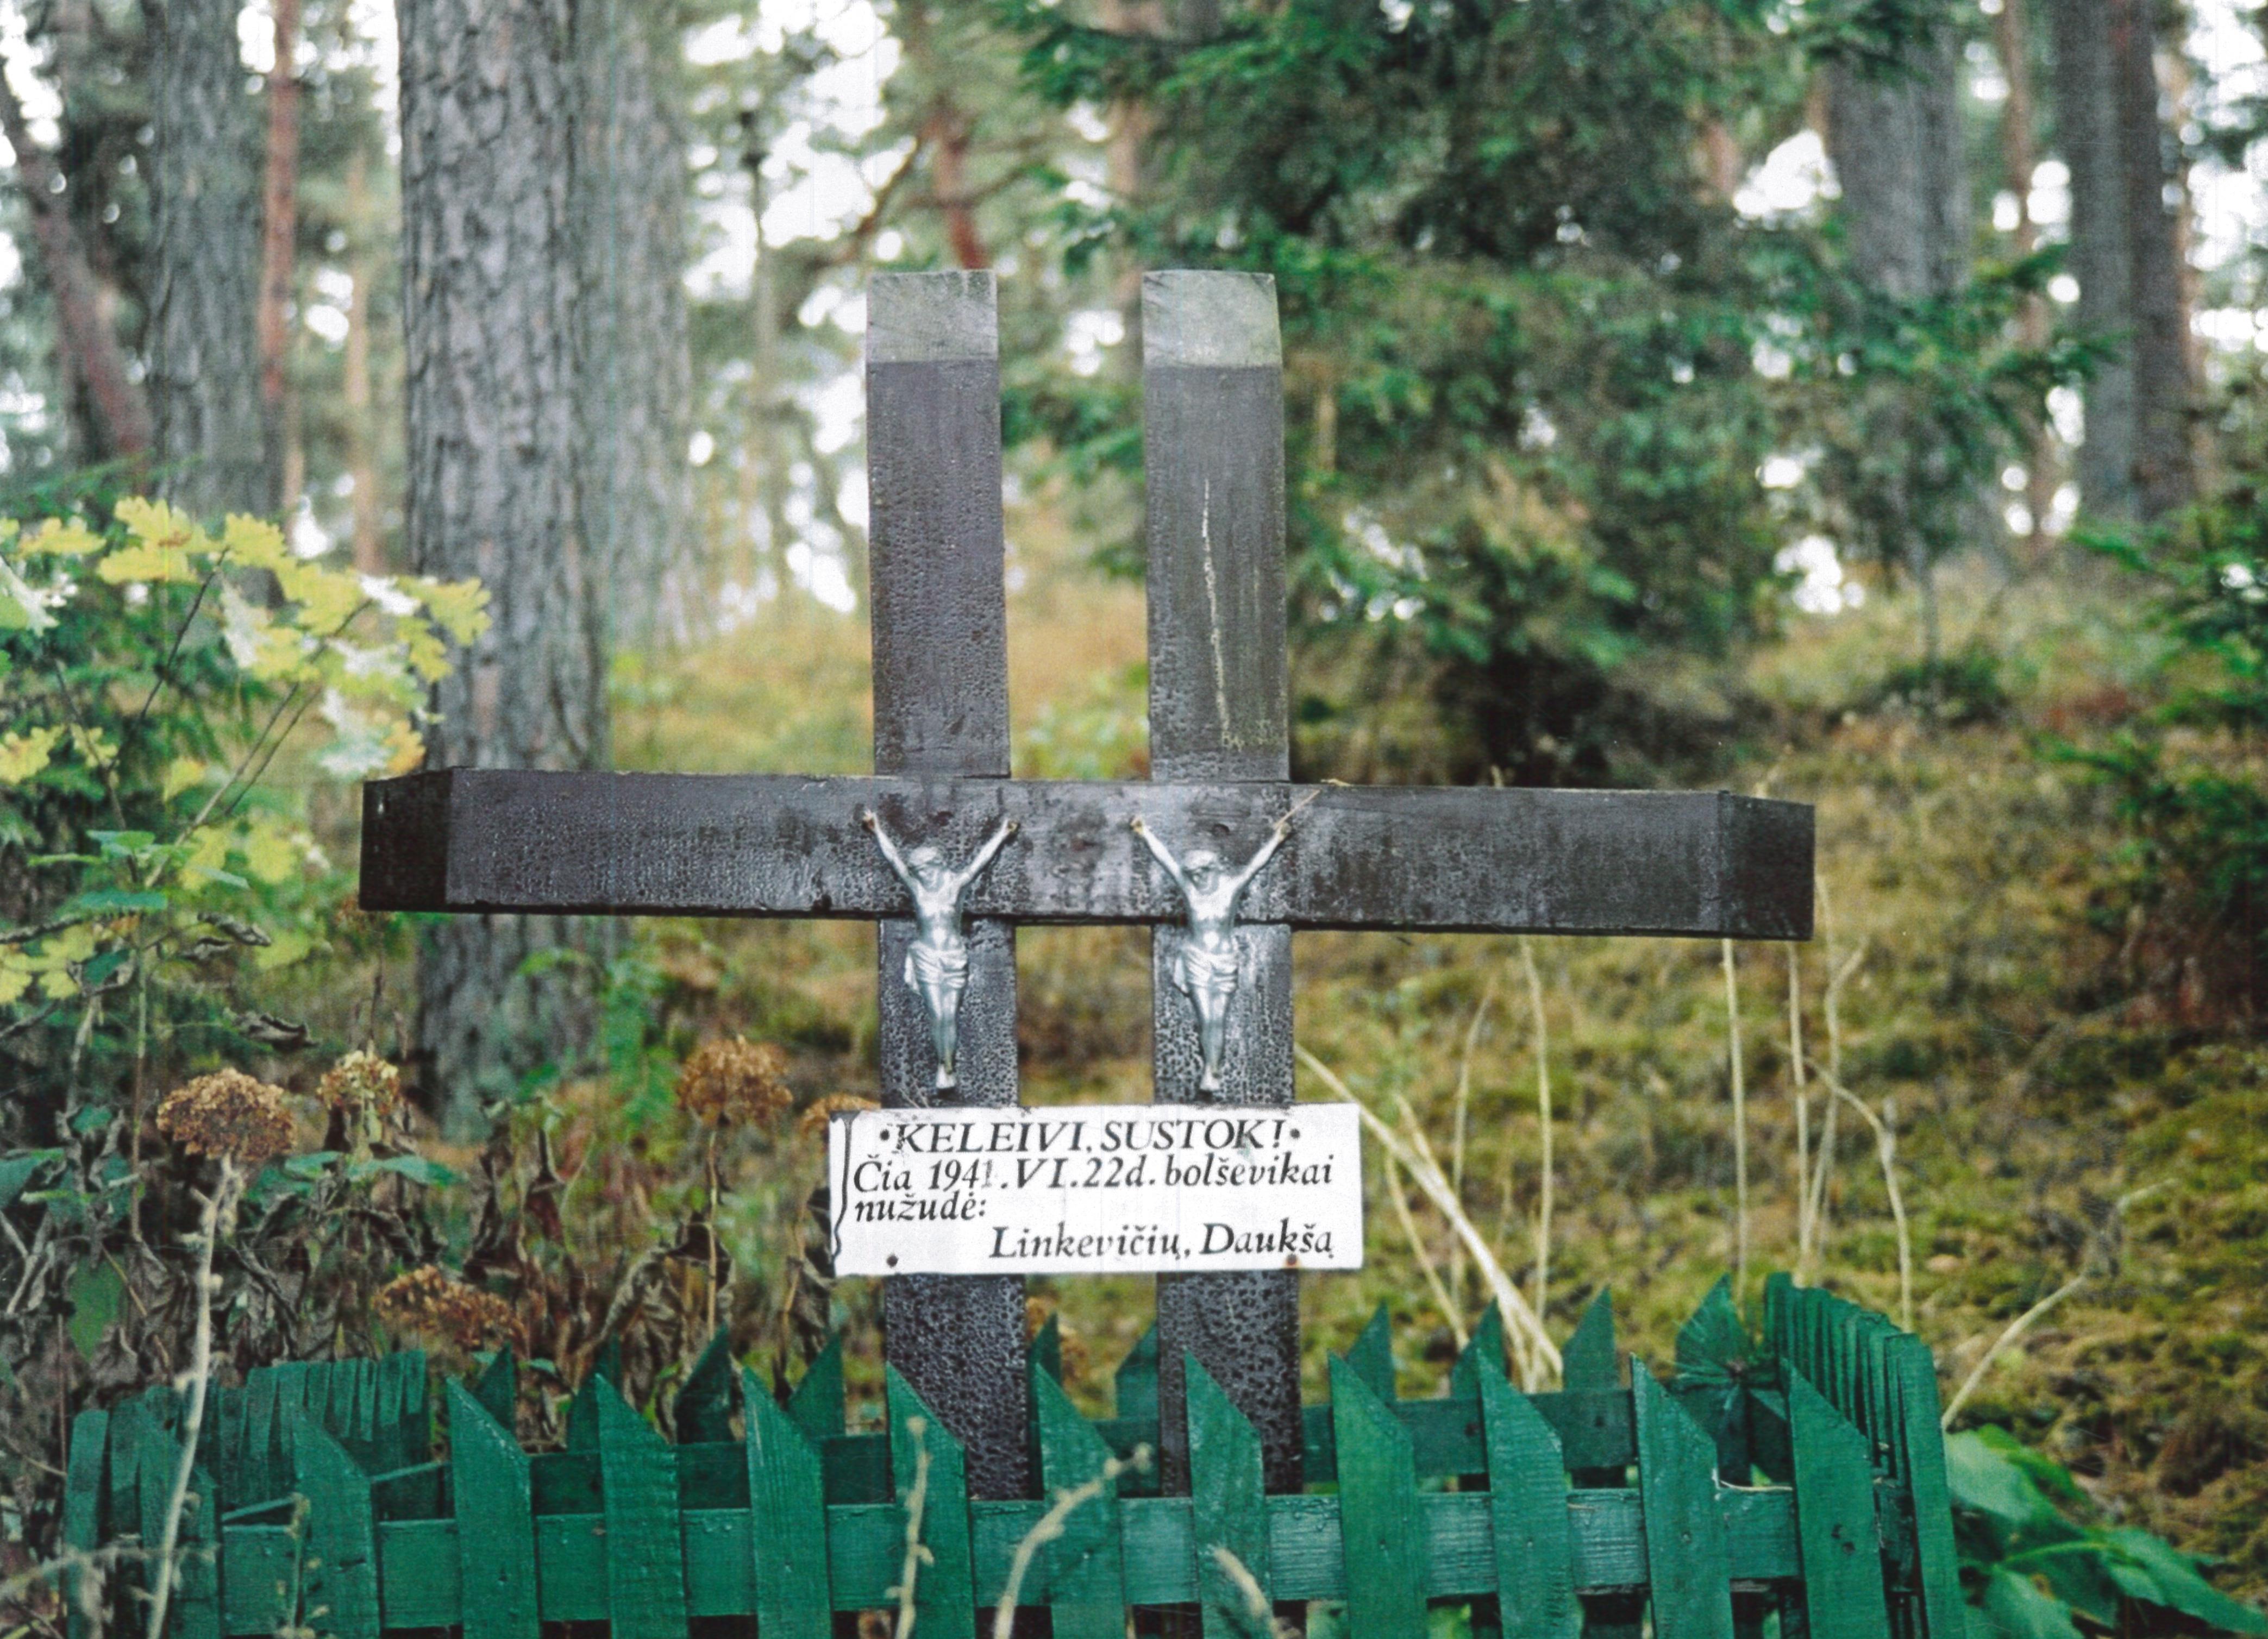 Atminimo kryžiai, skirti 1941 m. sukilimo dalyviams Stanislovui Linkevičiui ir Vytautui Daukšiui